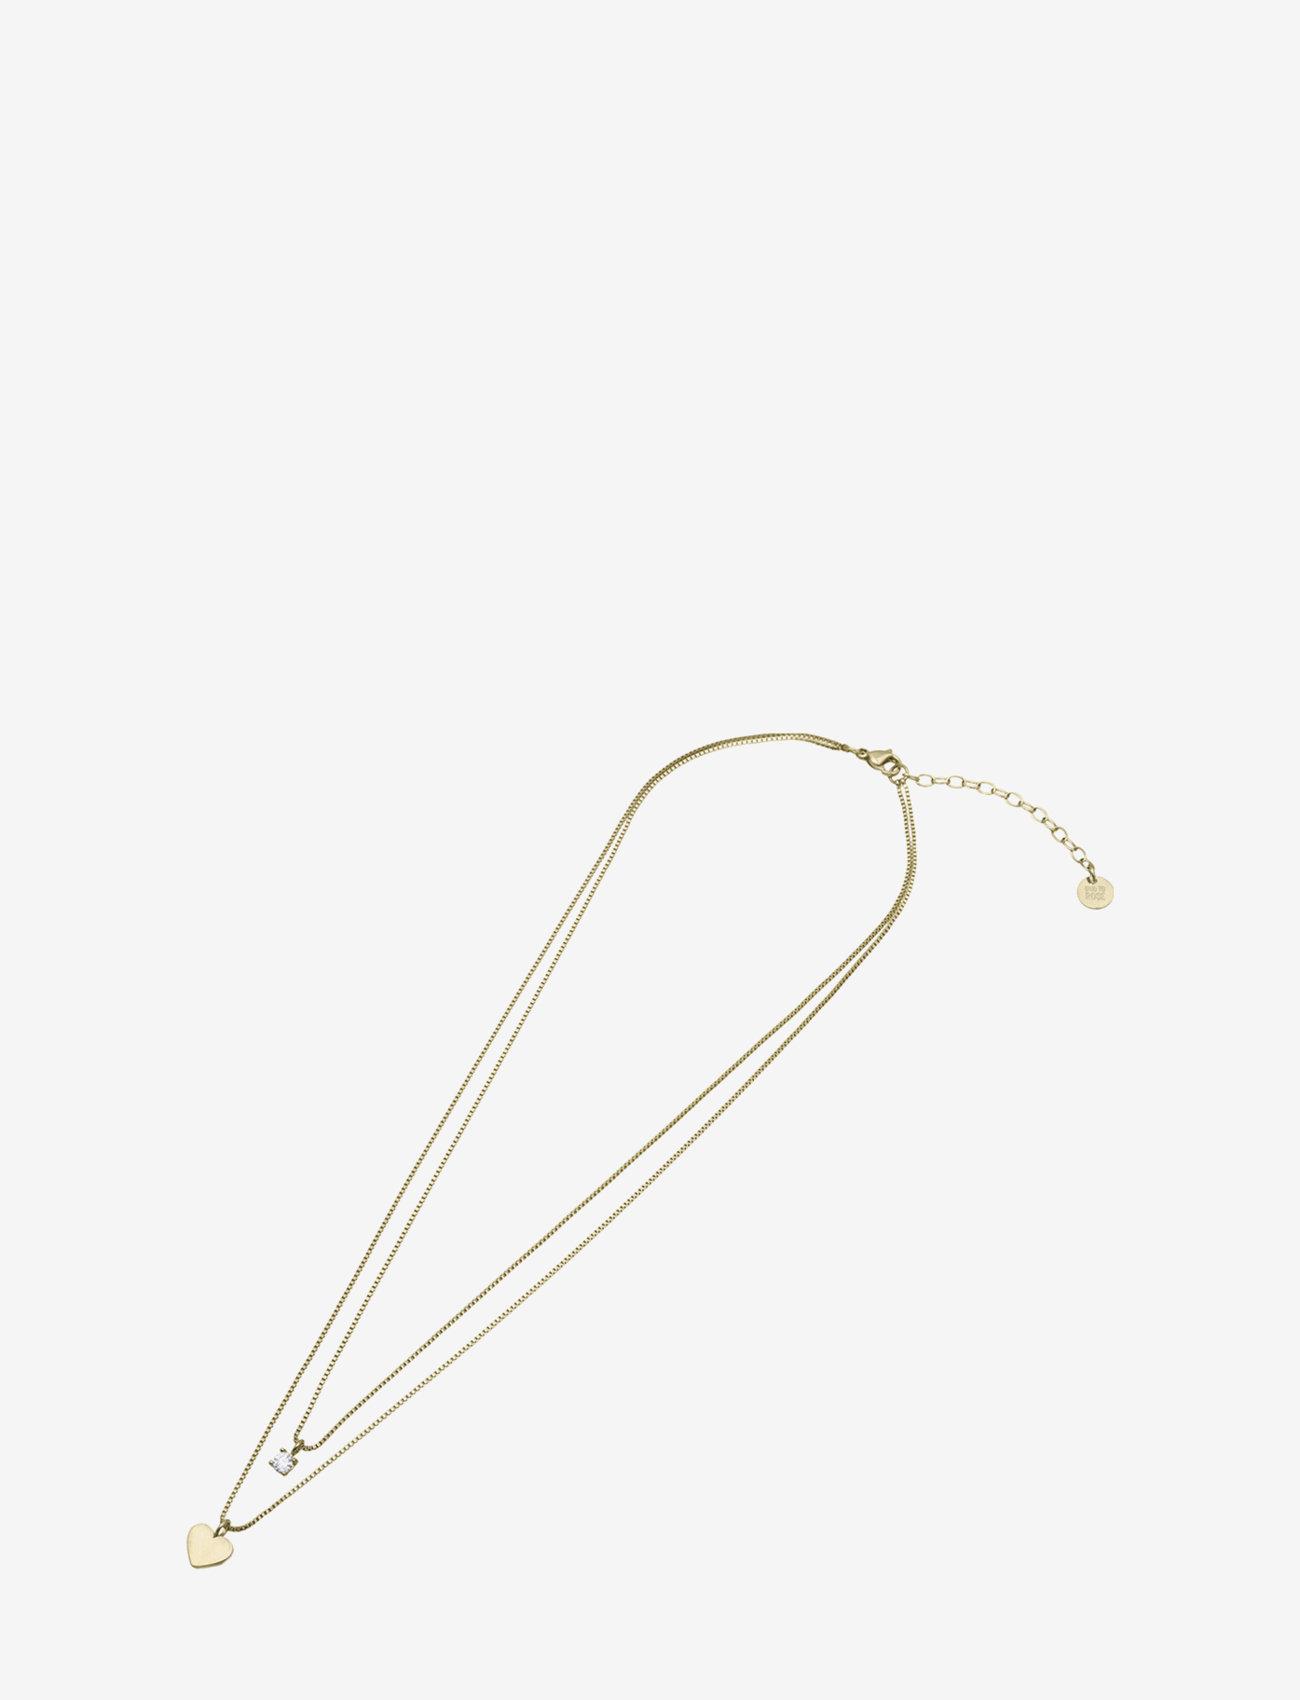 Bud to rose - Ice Heart Duo Necklace Steel - kettingen met hanger - gold - 1